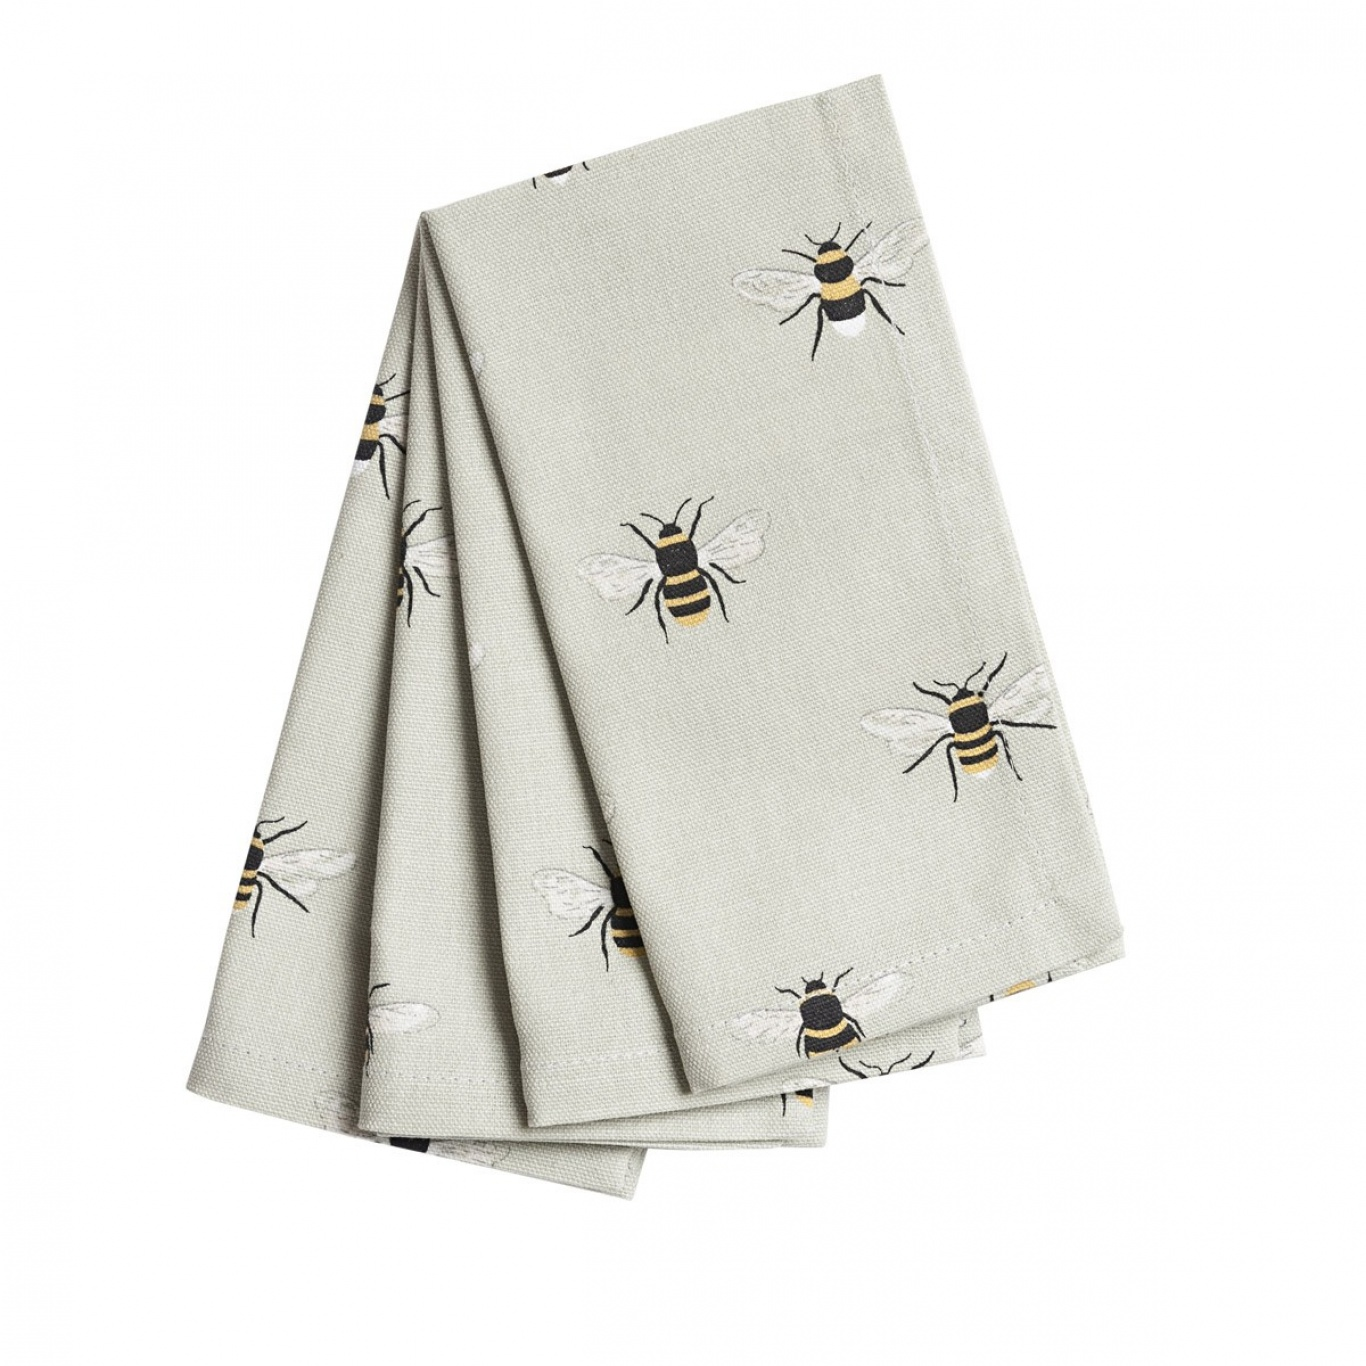 Image of Sophie Allport Bees Napkins Set of 4